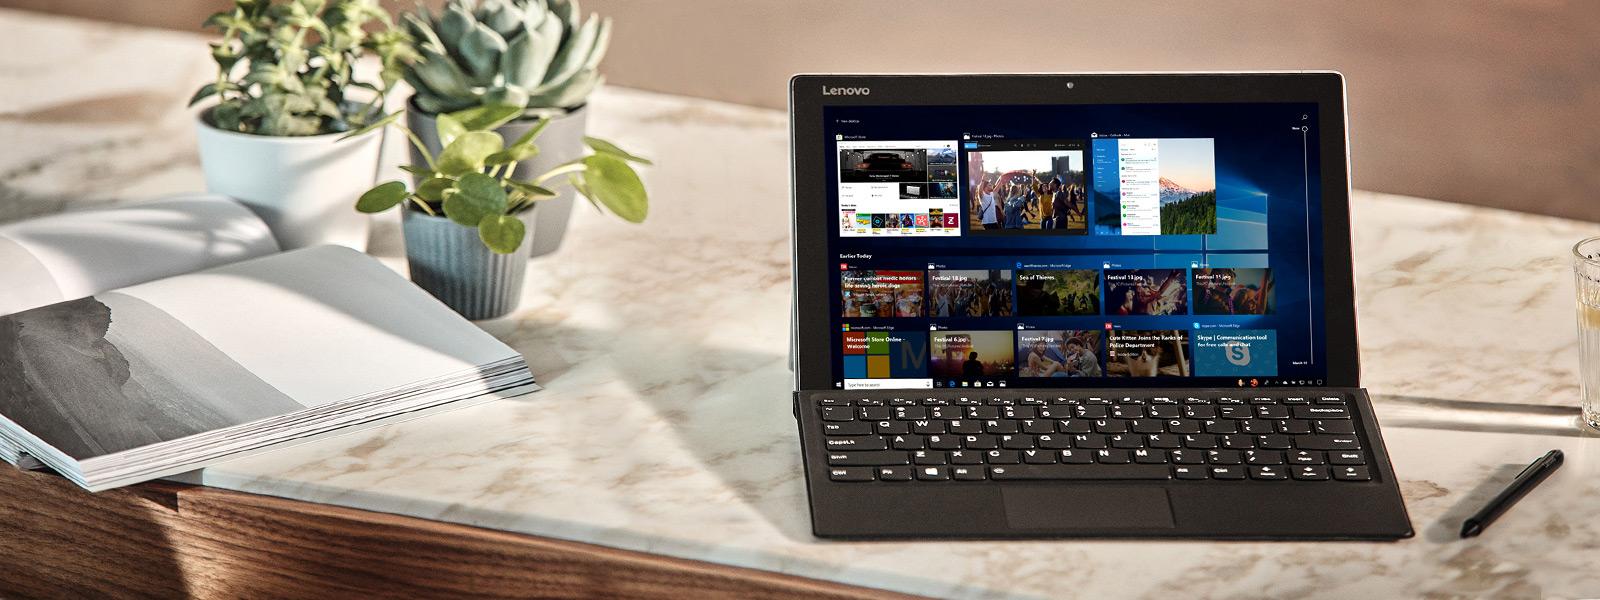 Windows 10 Nisan 2018 Güncelleştirmesi'nin özelliklerini gösteren bilgisayar ekranı